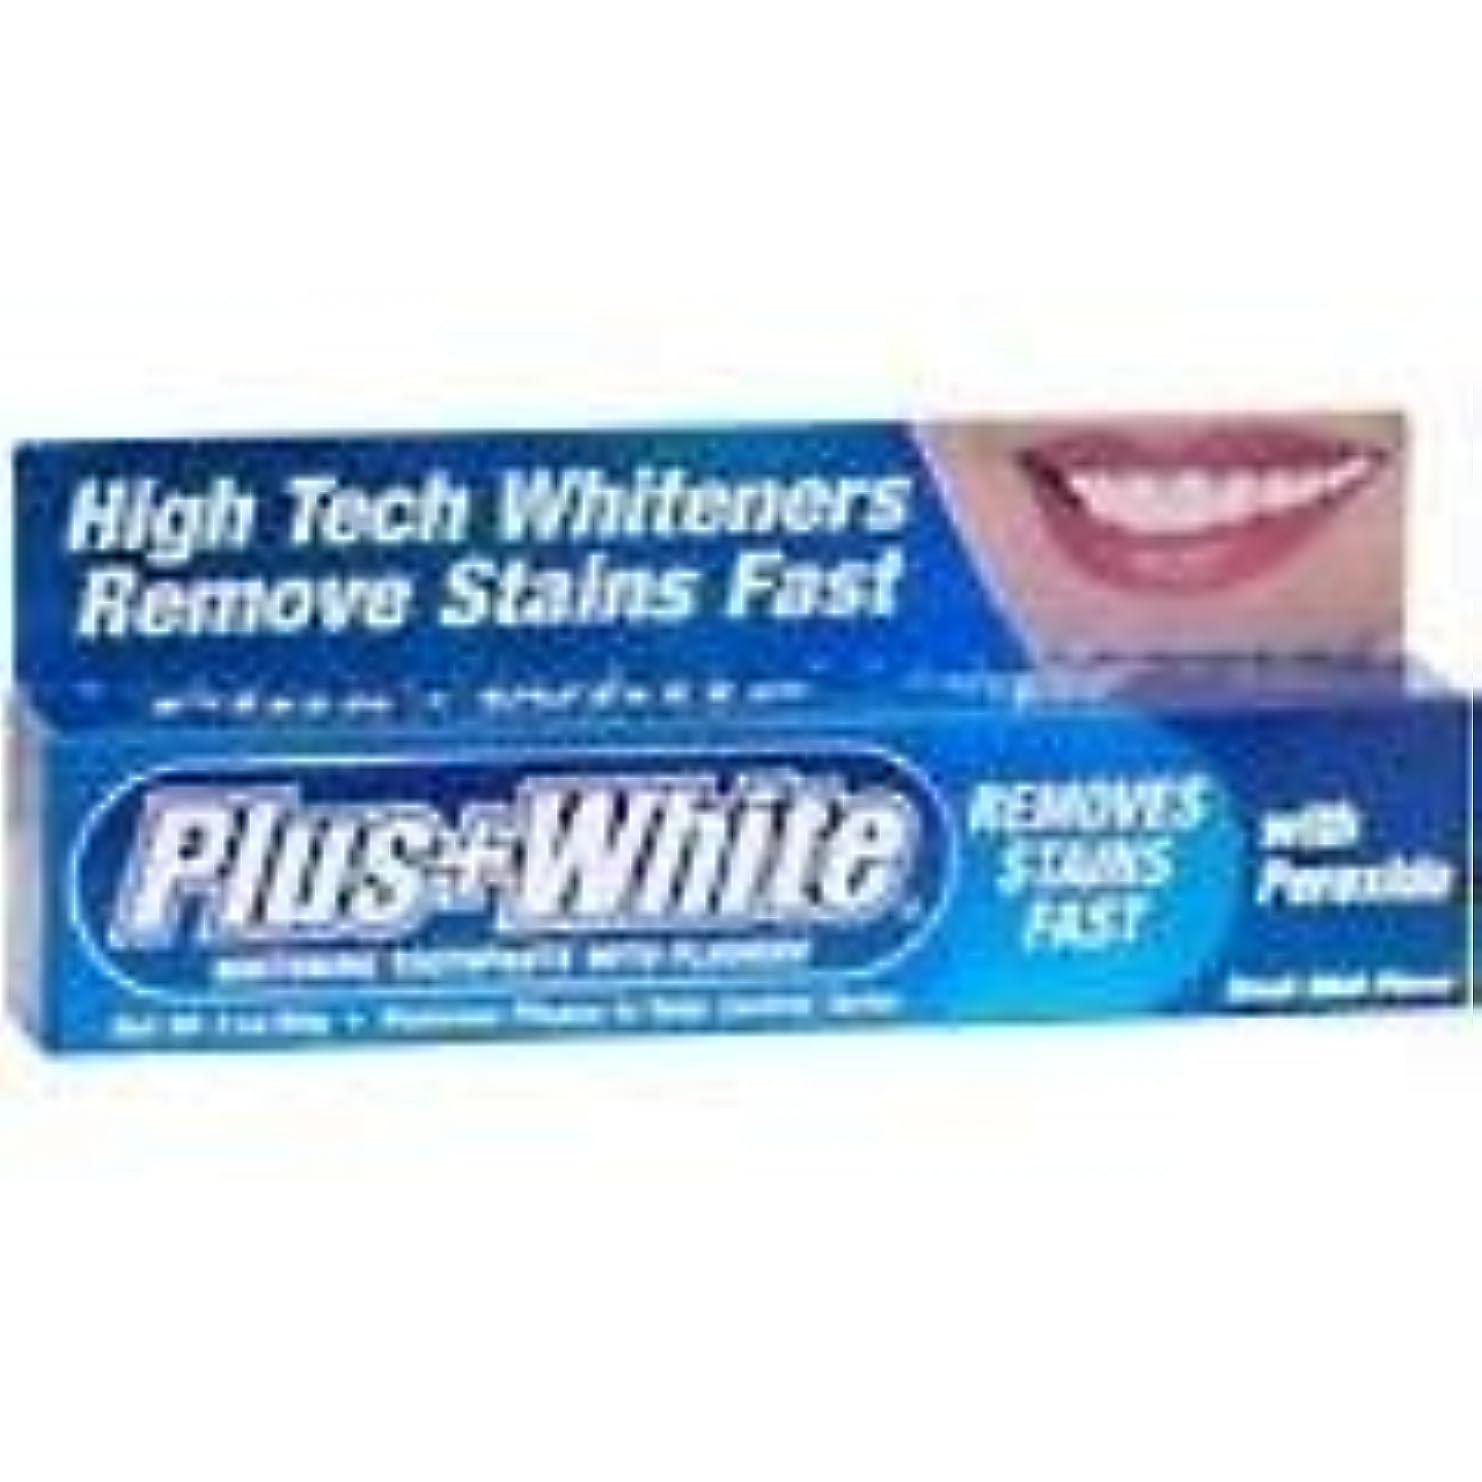 感性権限を与えるスズメバチPlus White 過酸化物とエクストラホワイトニング歯磨き(1パック)